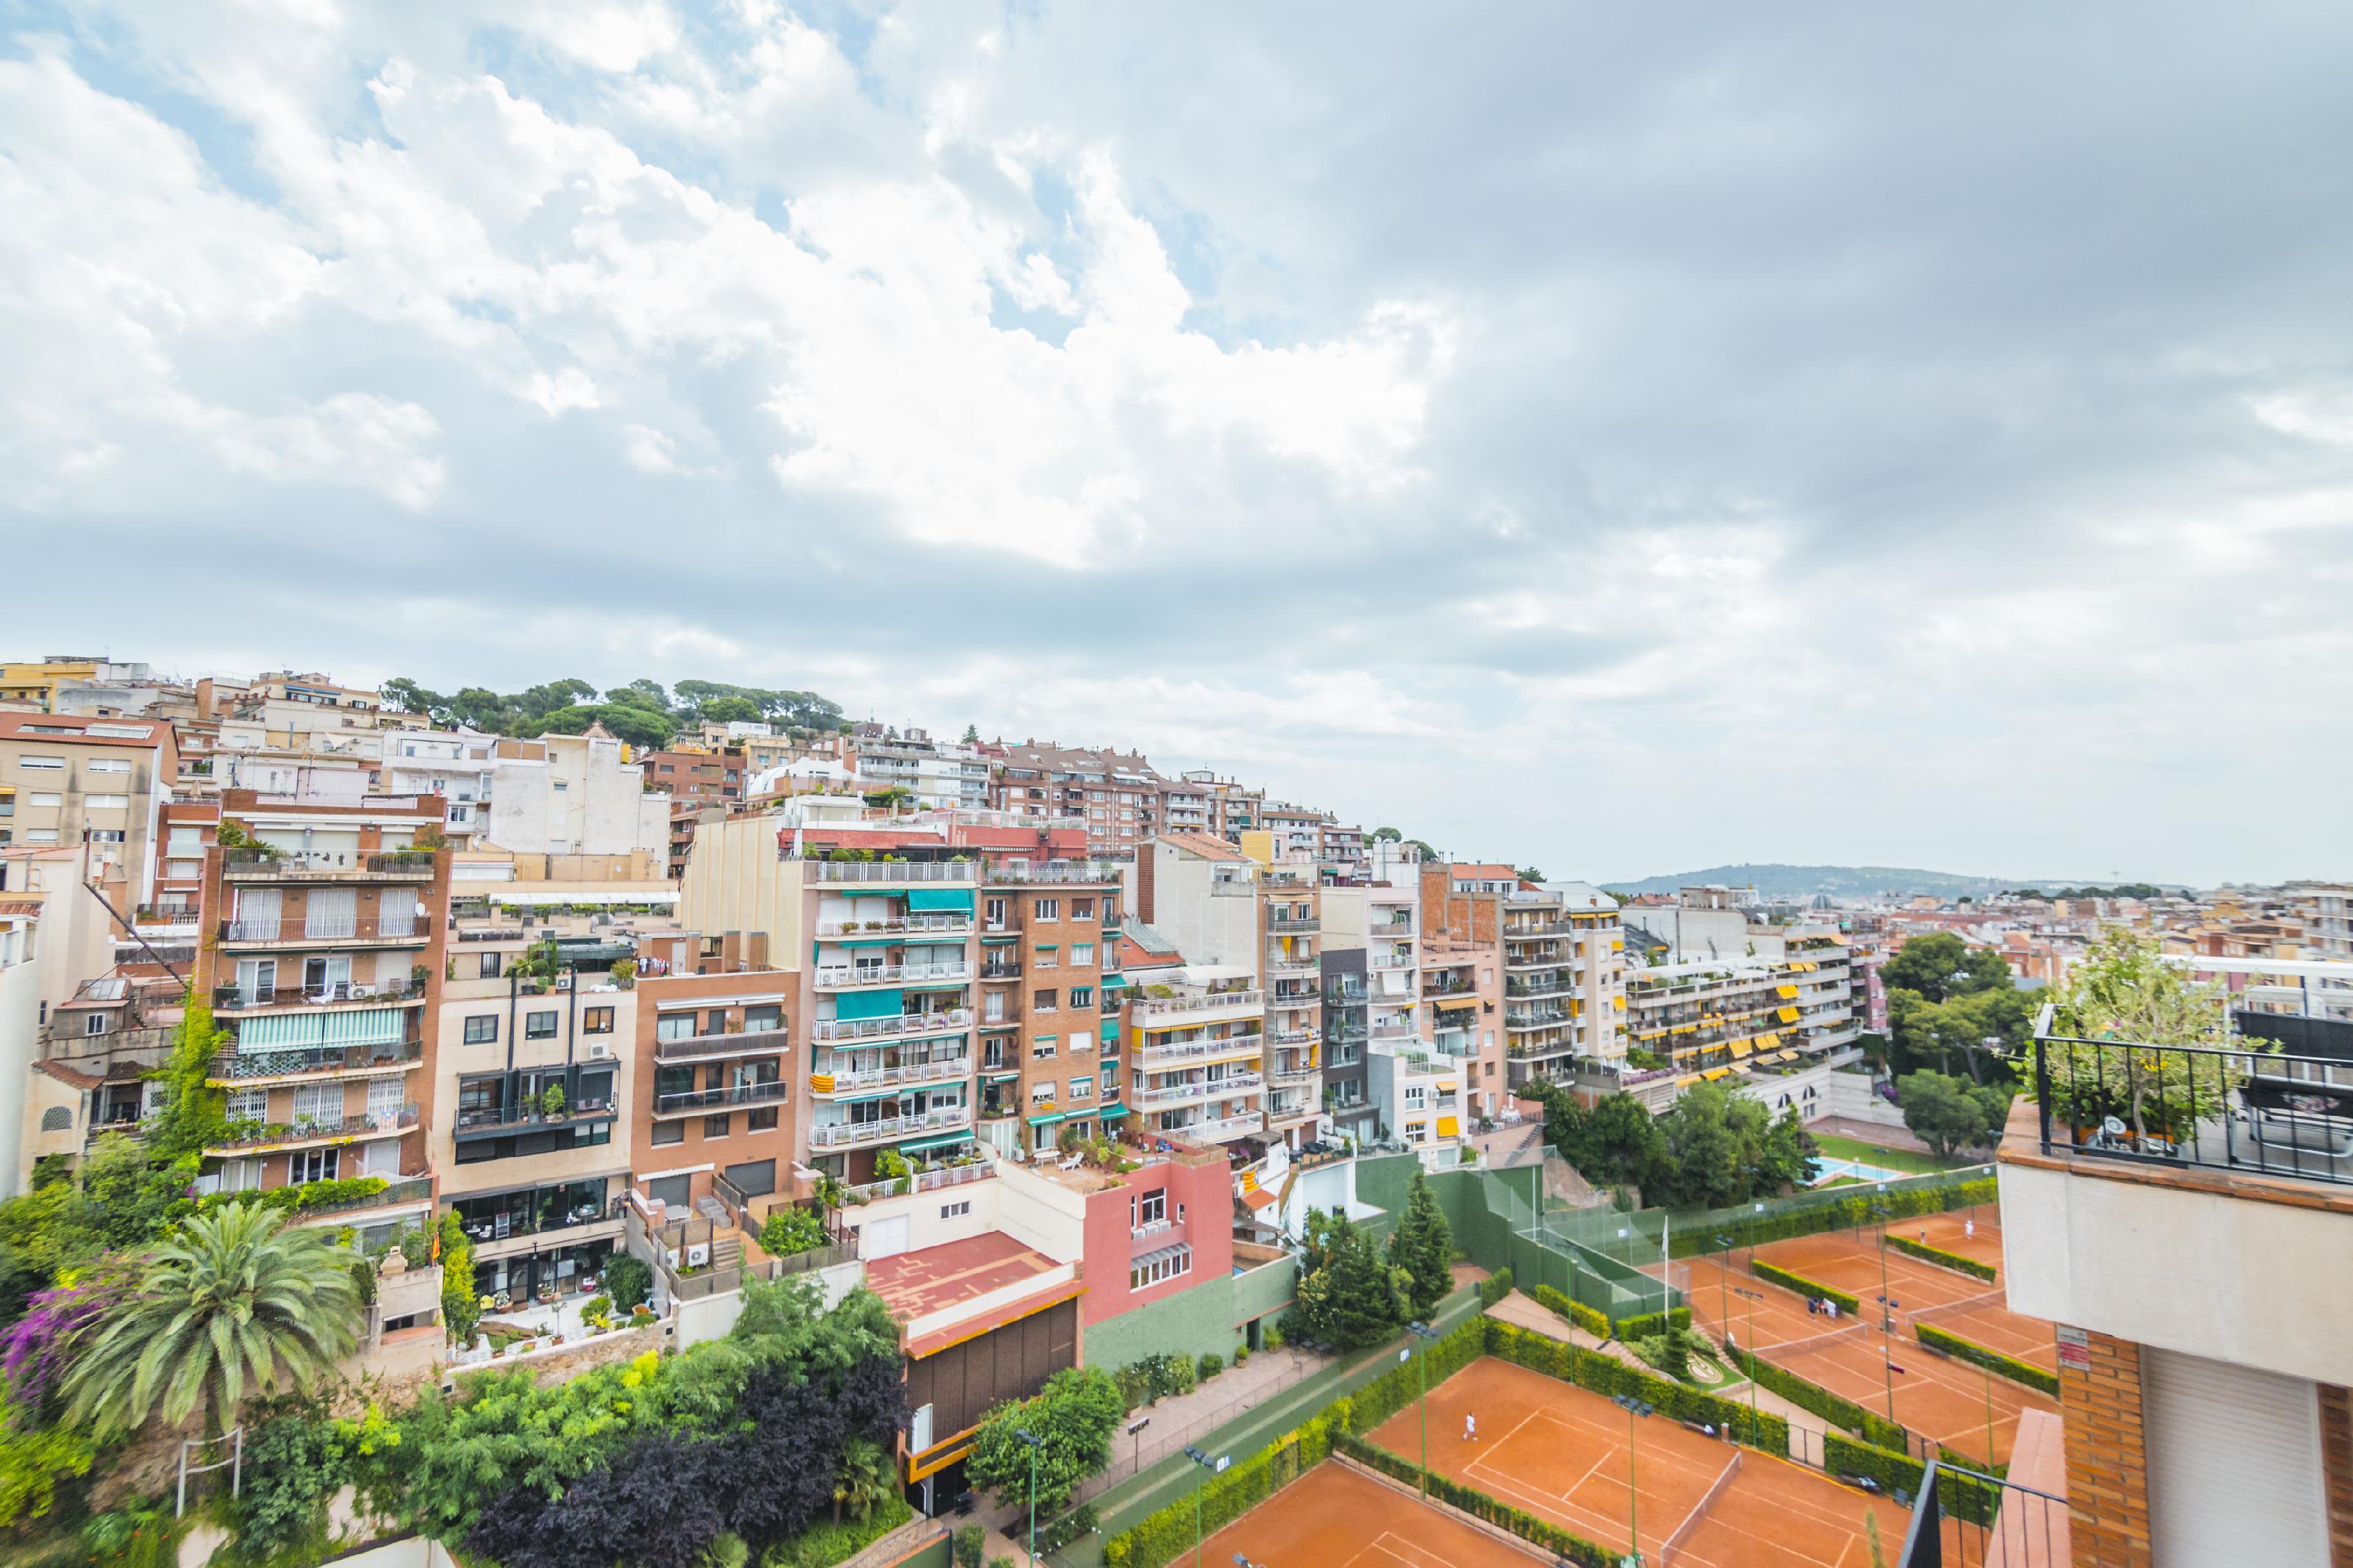 226459 Piso en venda en Sarrià-Sant Gervasi, El Putxet i Farró 4